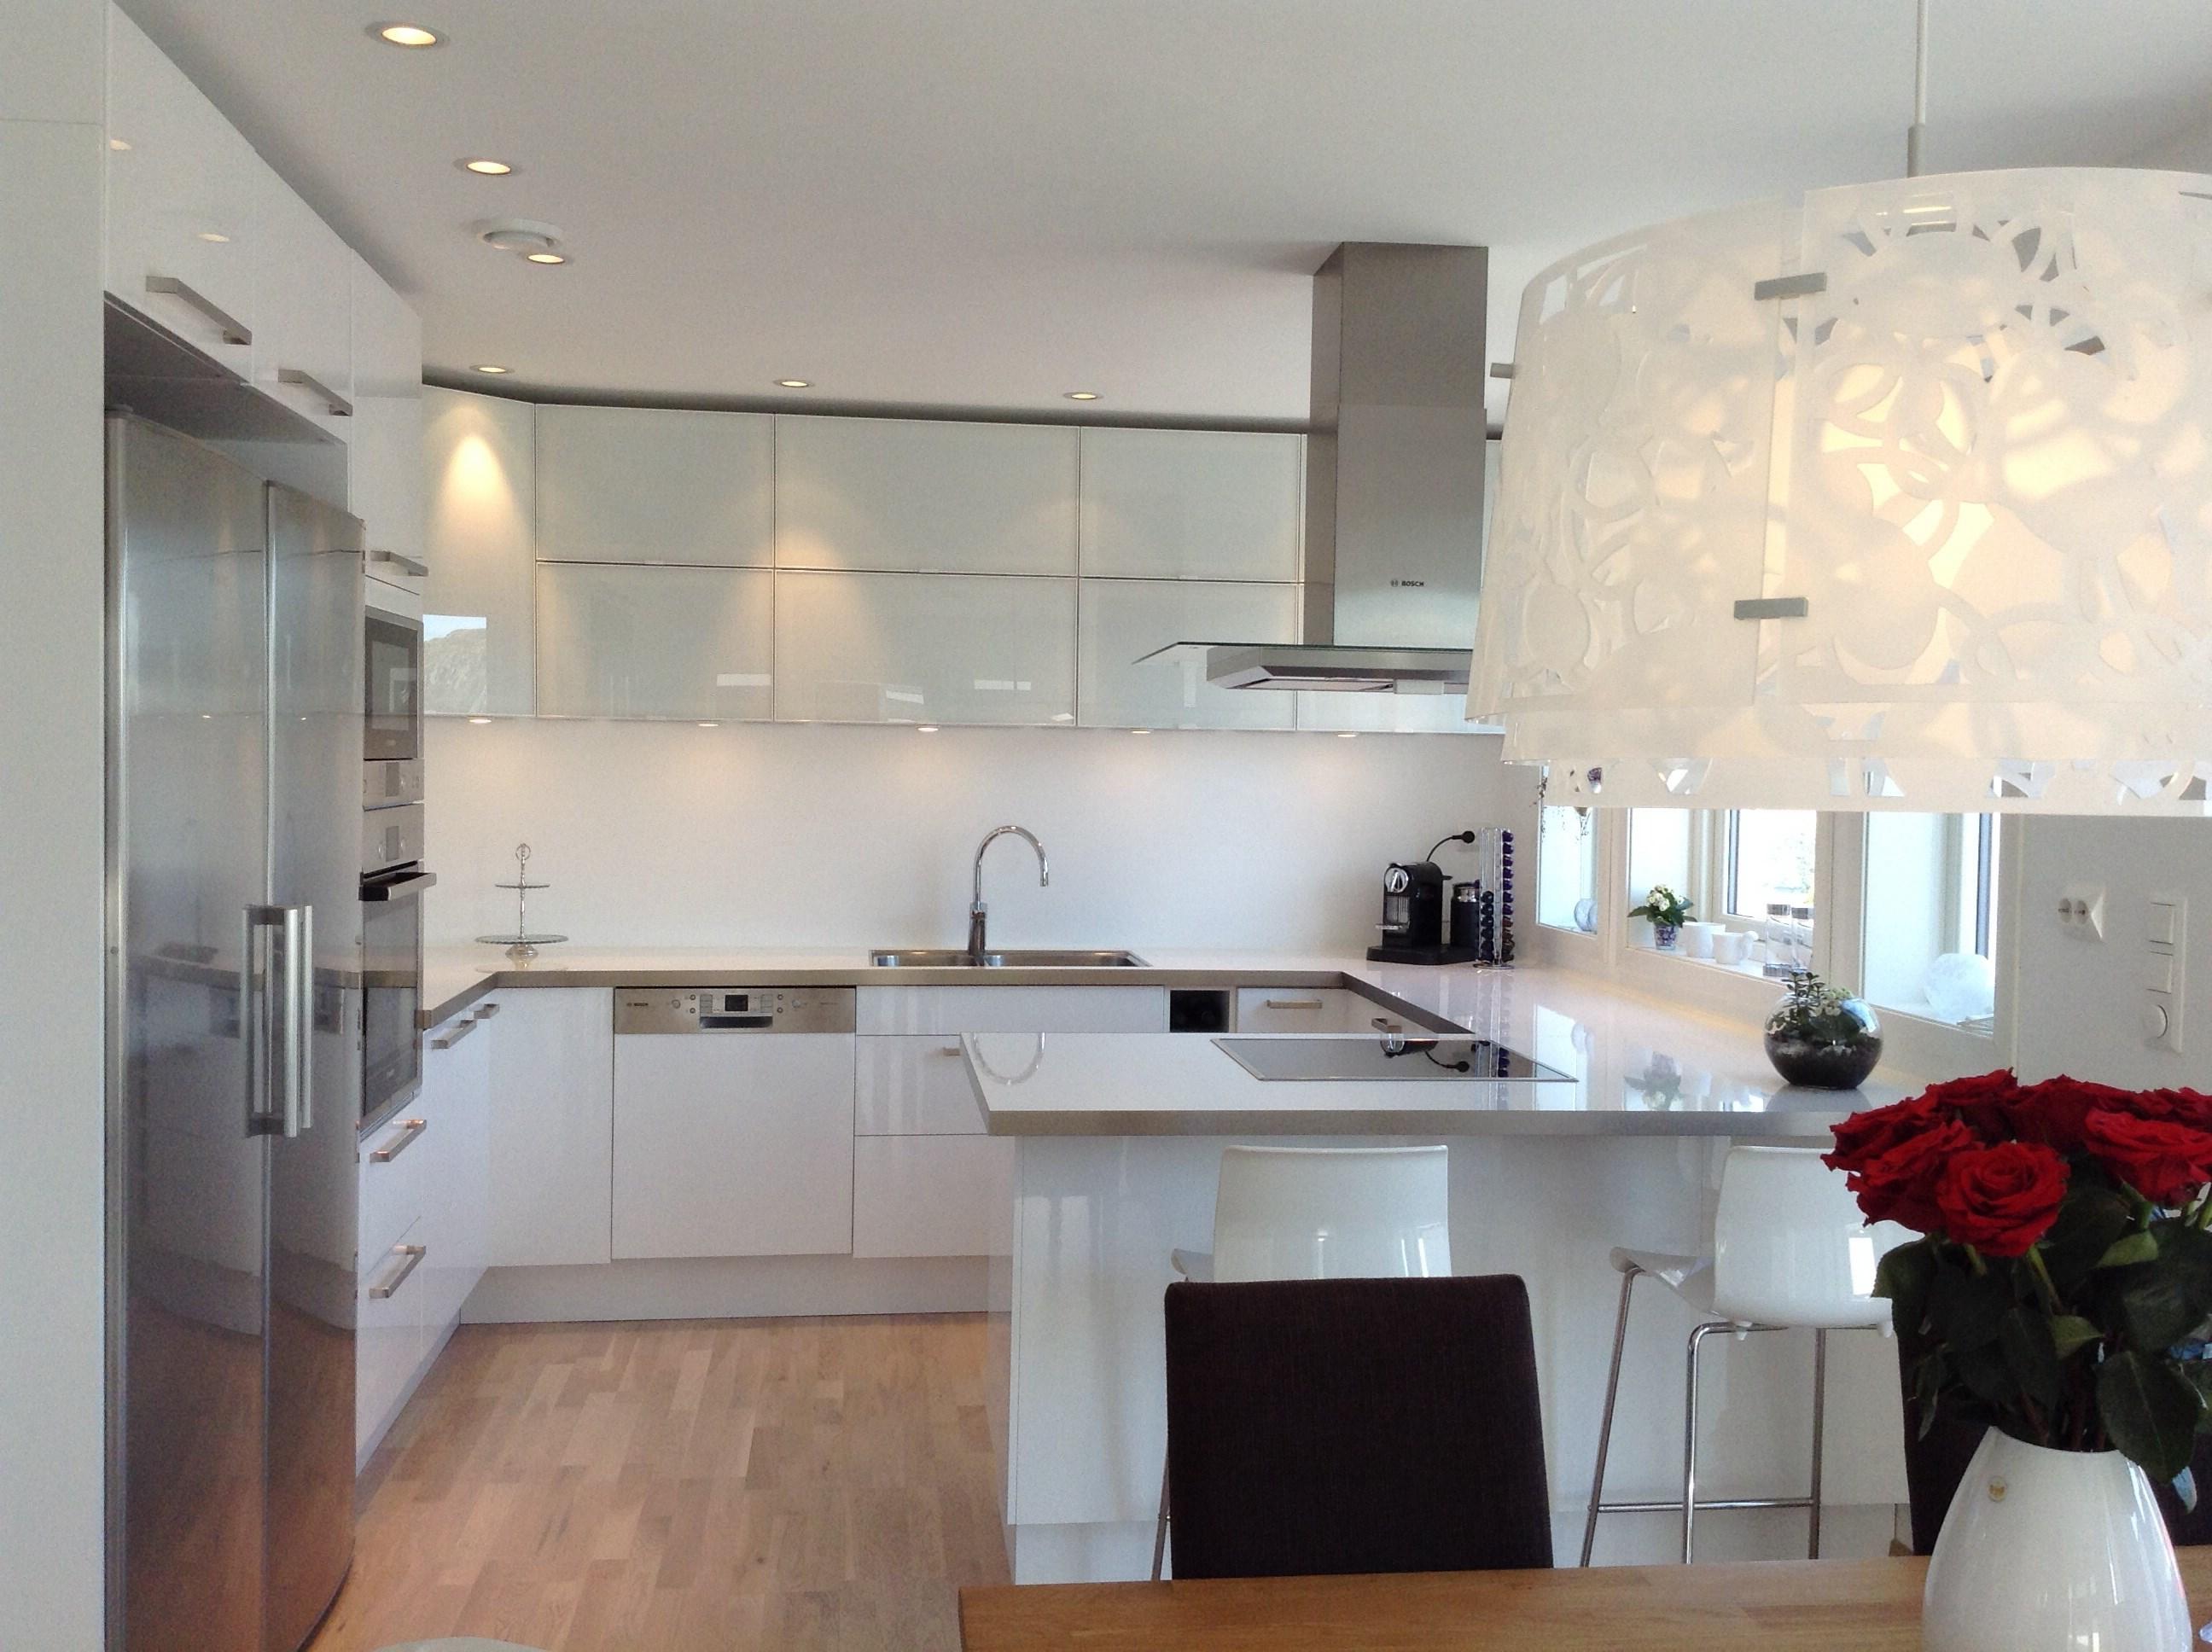 Bilder og erfaringer med nye (2013) kjøkken fra IKEA? - ByggeBolig